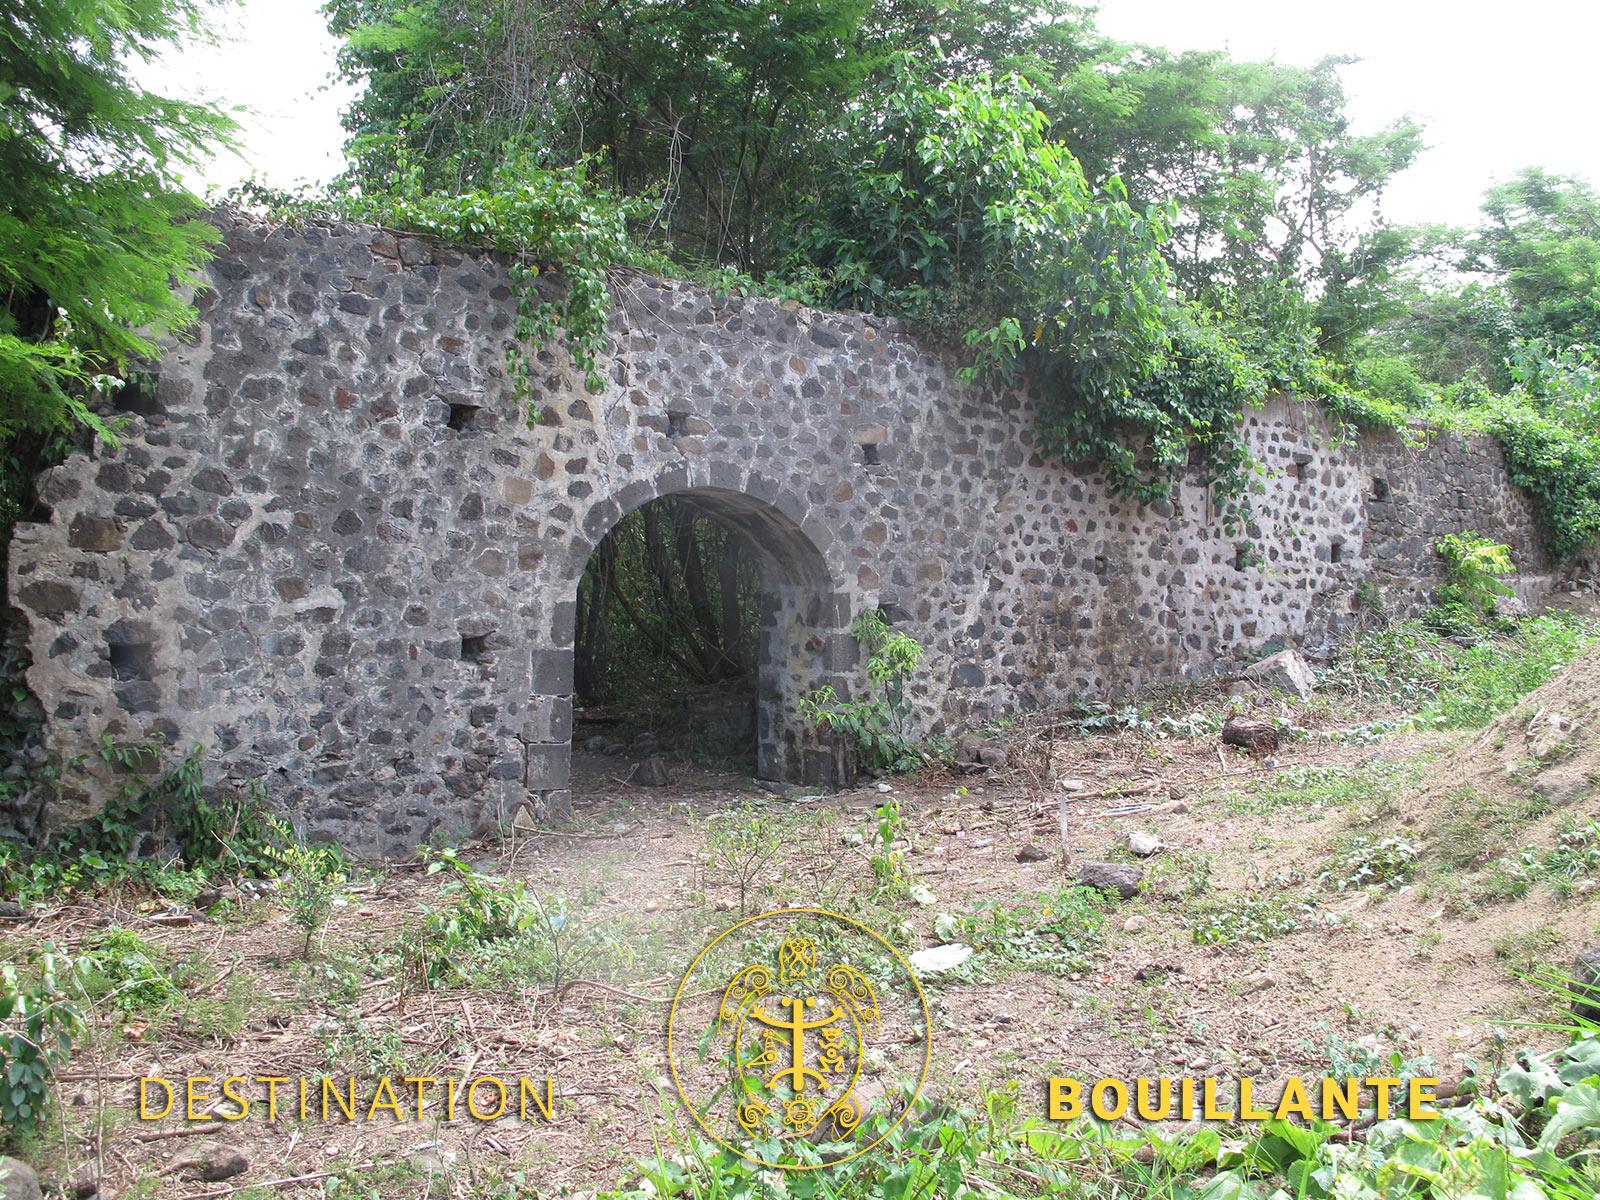 Habitation Desmarais - Bouillante